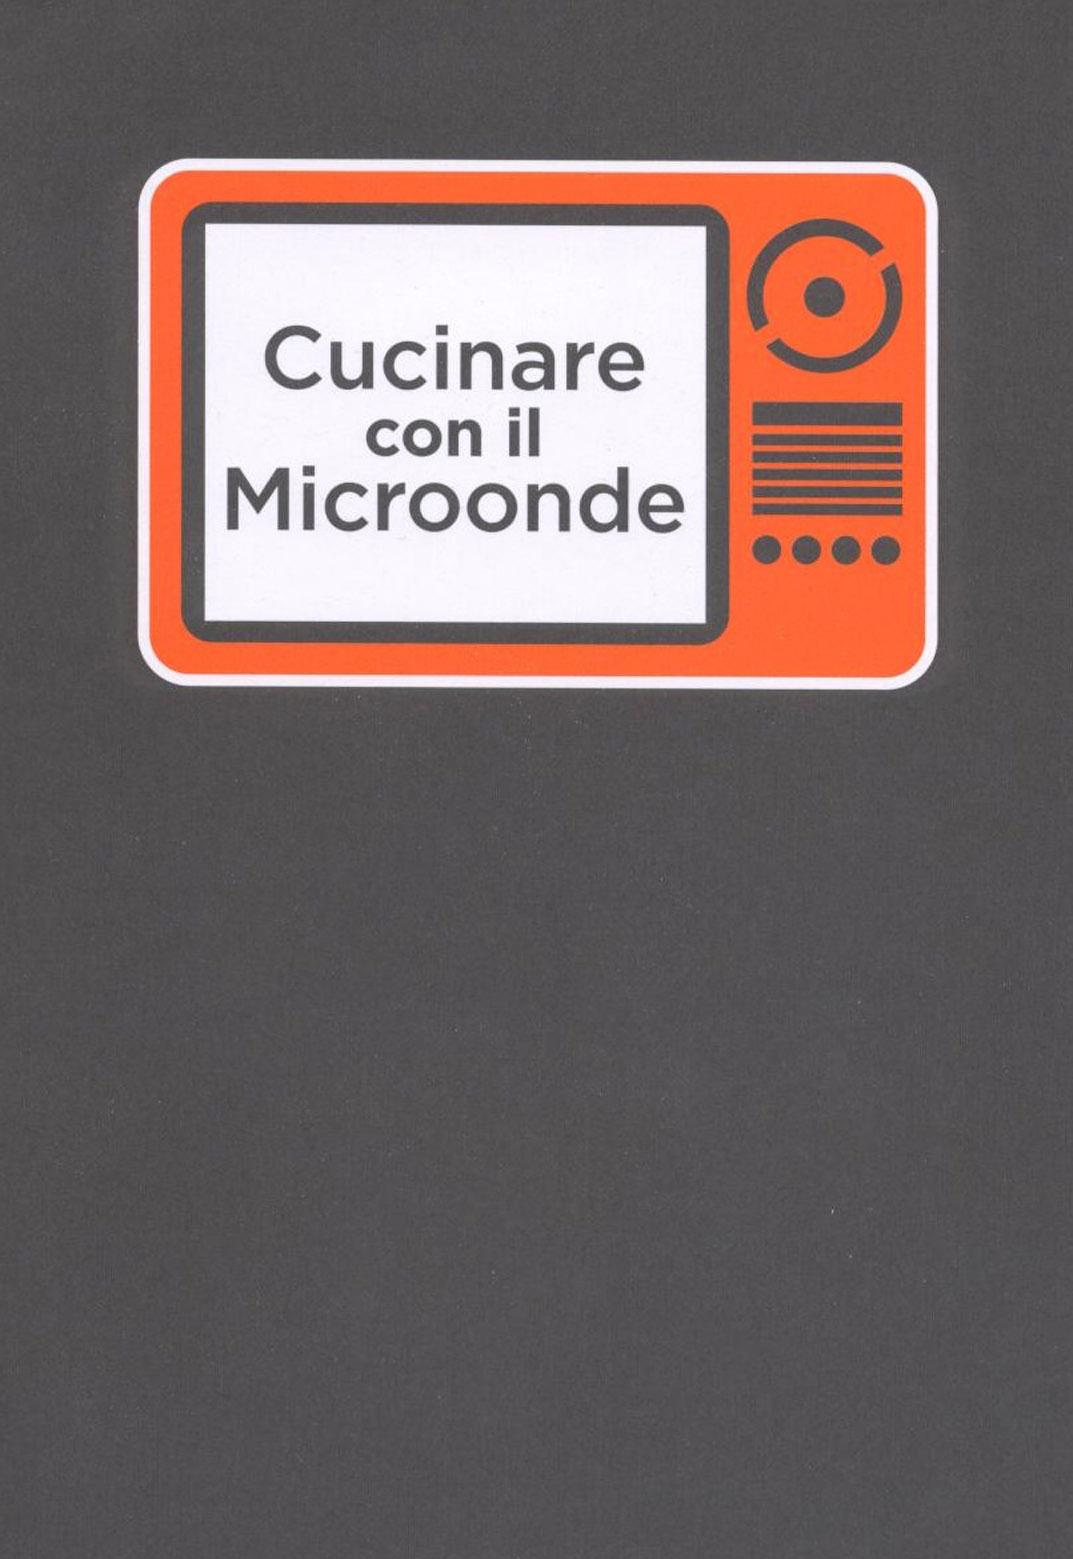 Libri in cucina cucinare con il microonde - Cucinare con il microonde whirlpool ...